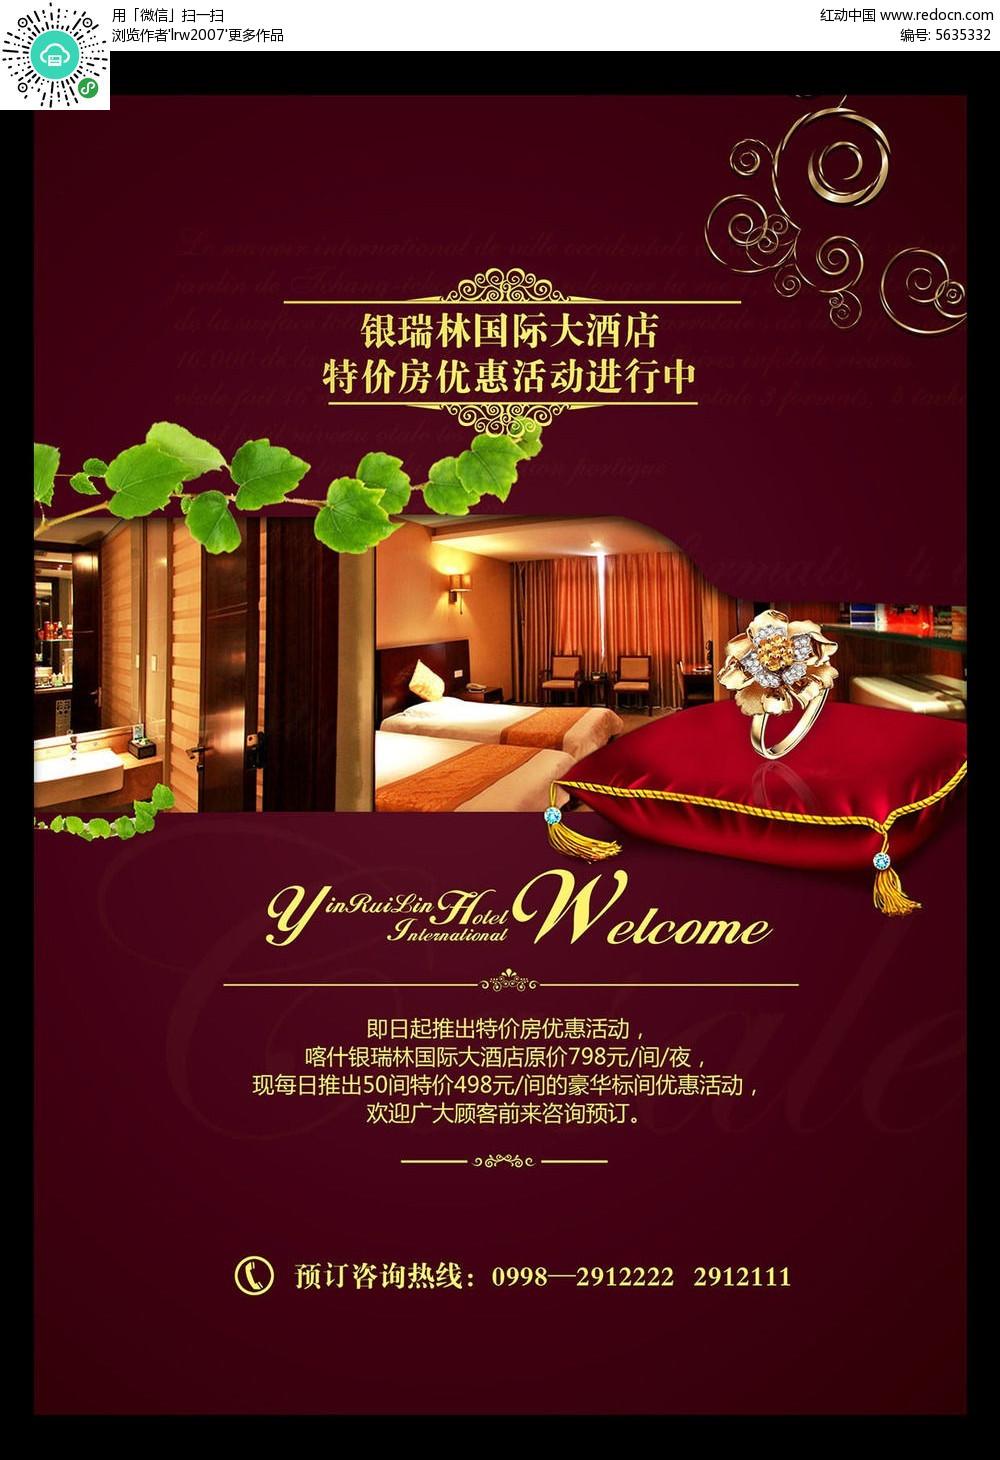 免费素材 psd素材 psd广告设计模板 海报设计 豪华星级酒店客房宣传单